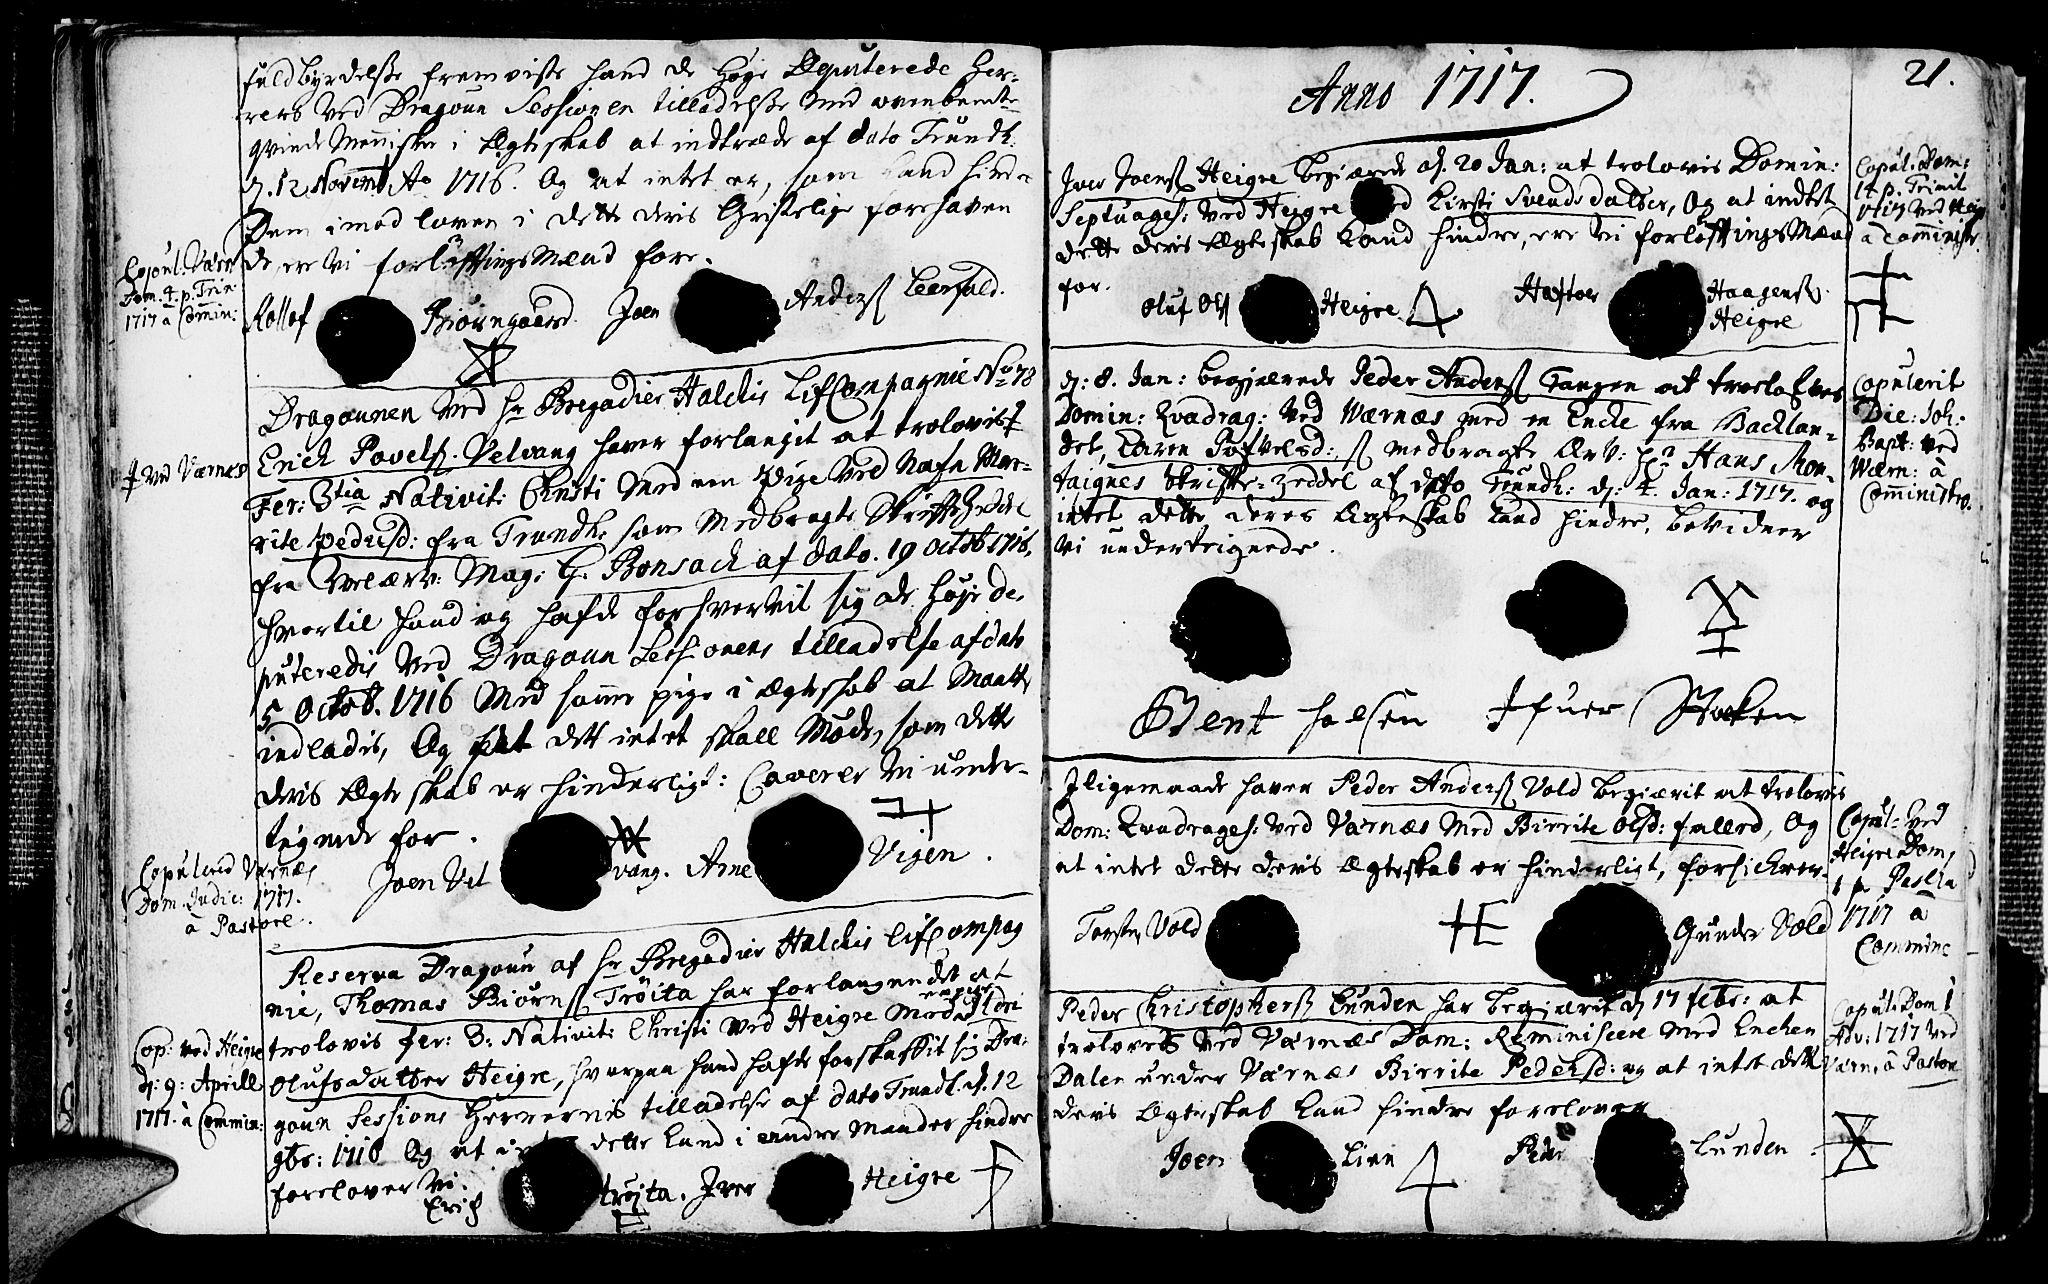 SAT, Ministerialprotokoller, klokkerbøker og fødselsregistre - Nord-Trøndelag, 709/L0053: Ministerialbok nr. 709A01, 1714-1729, s. 21